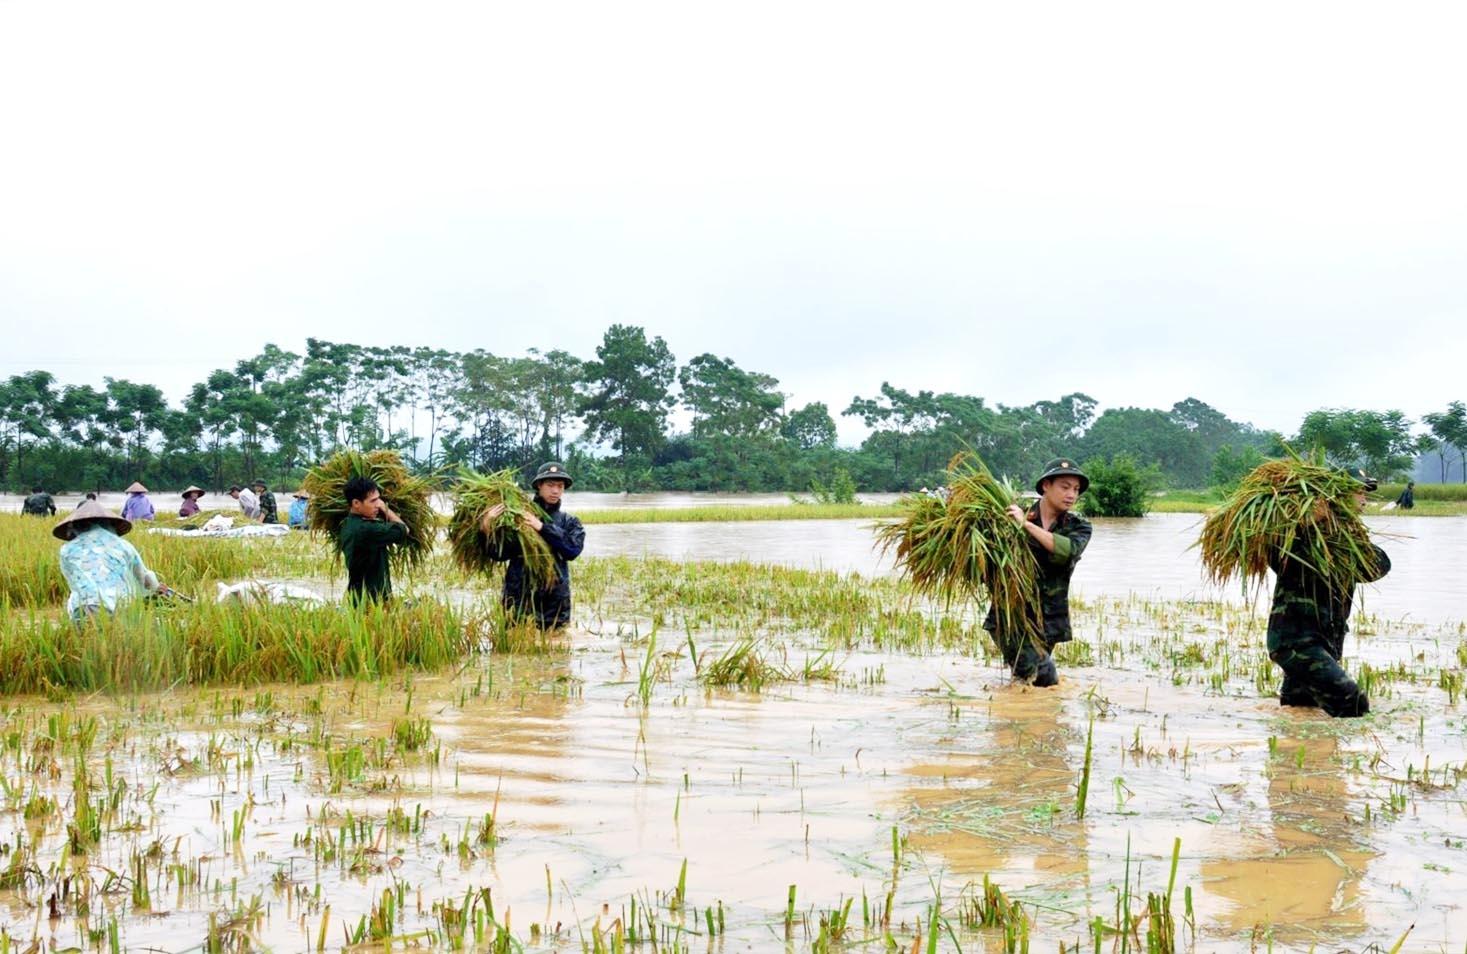 Thiên tai khiến tài nguyên sản xuất nông nghiệp bị thu hẹp. (Ảnh minh họa)